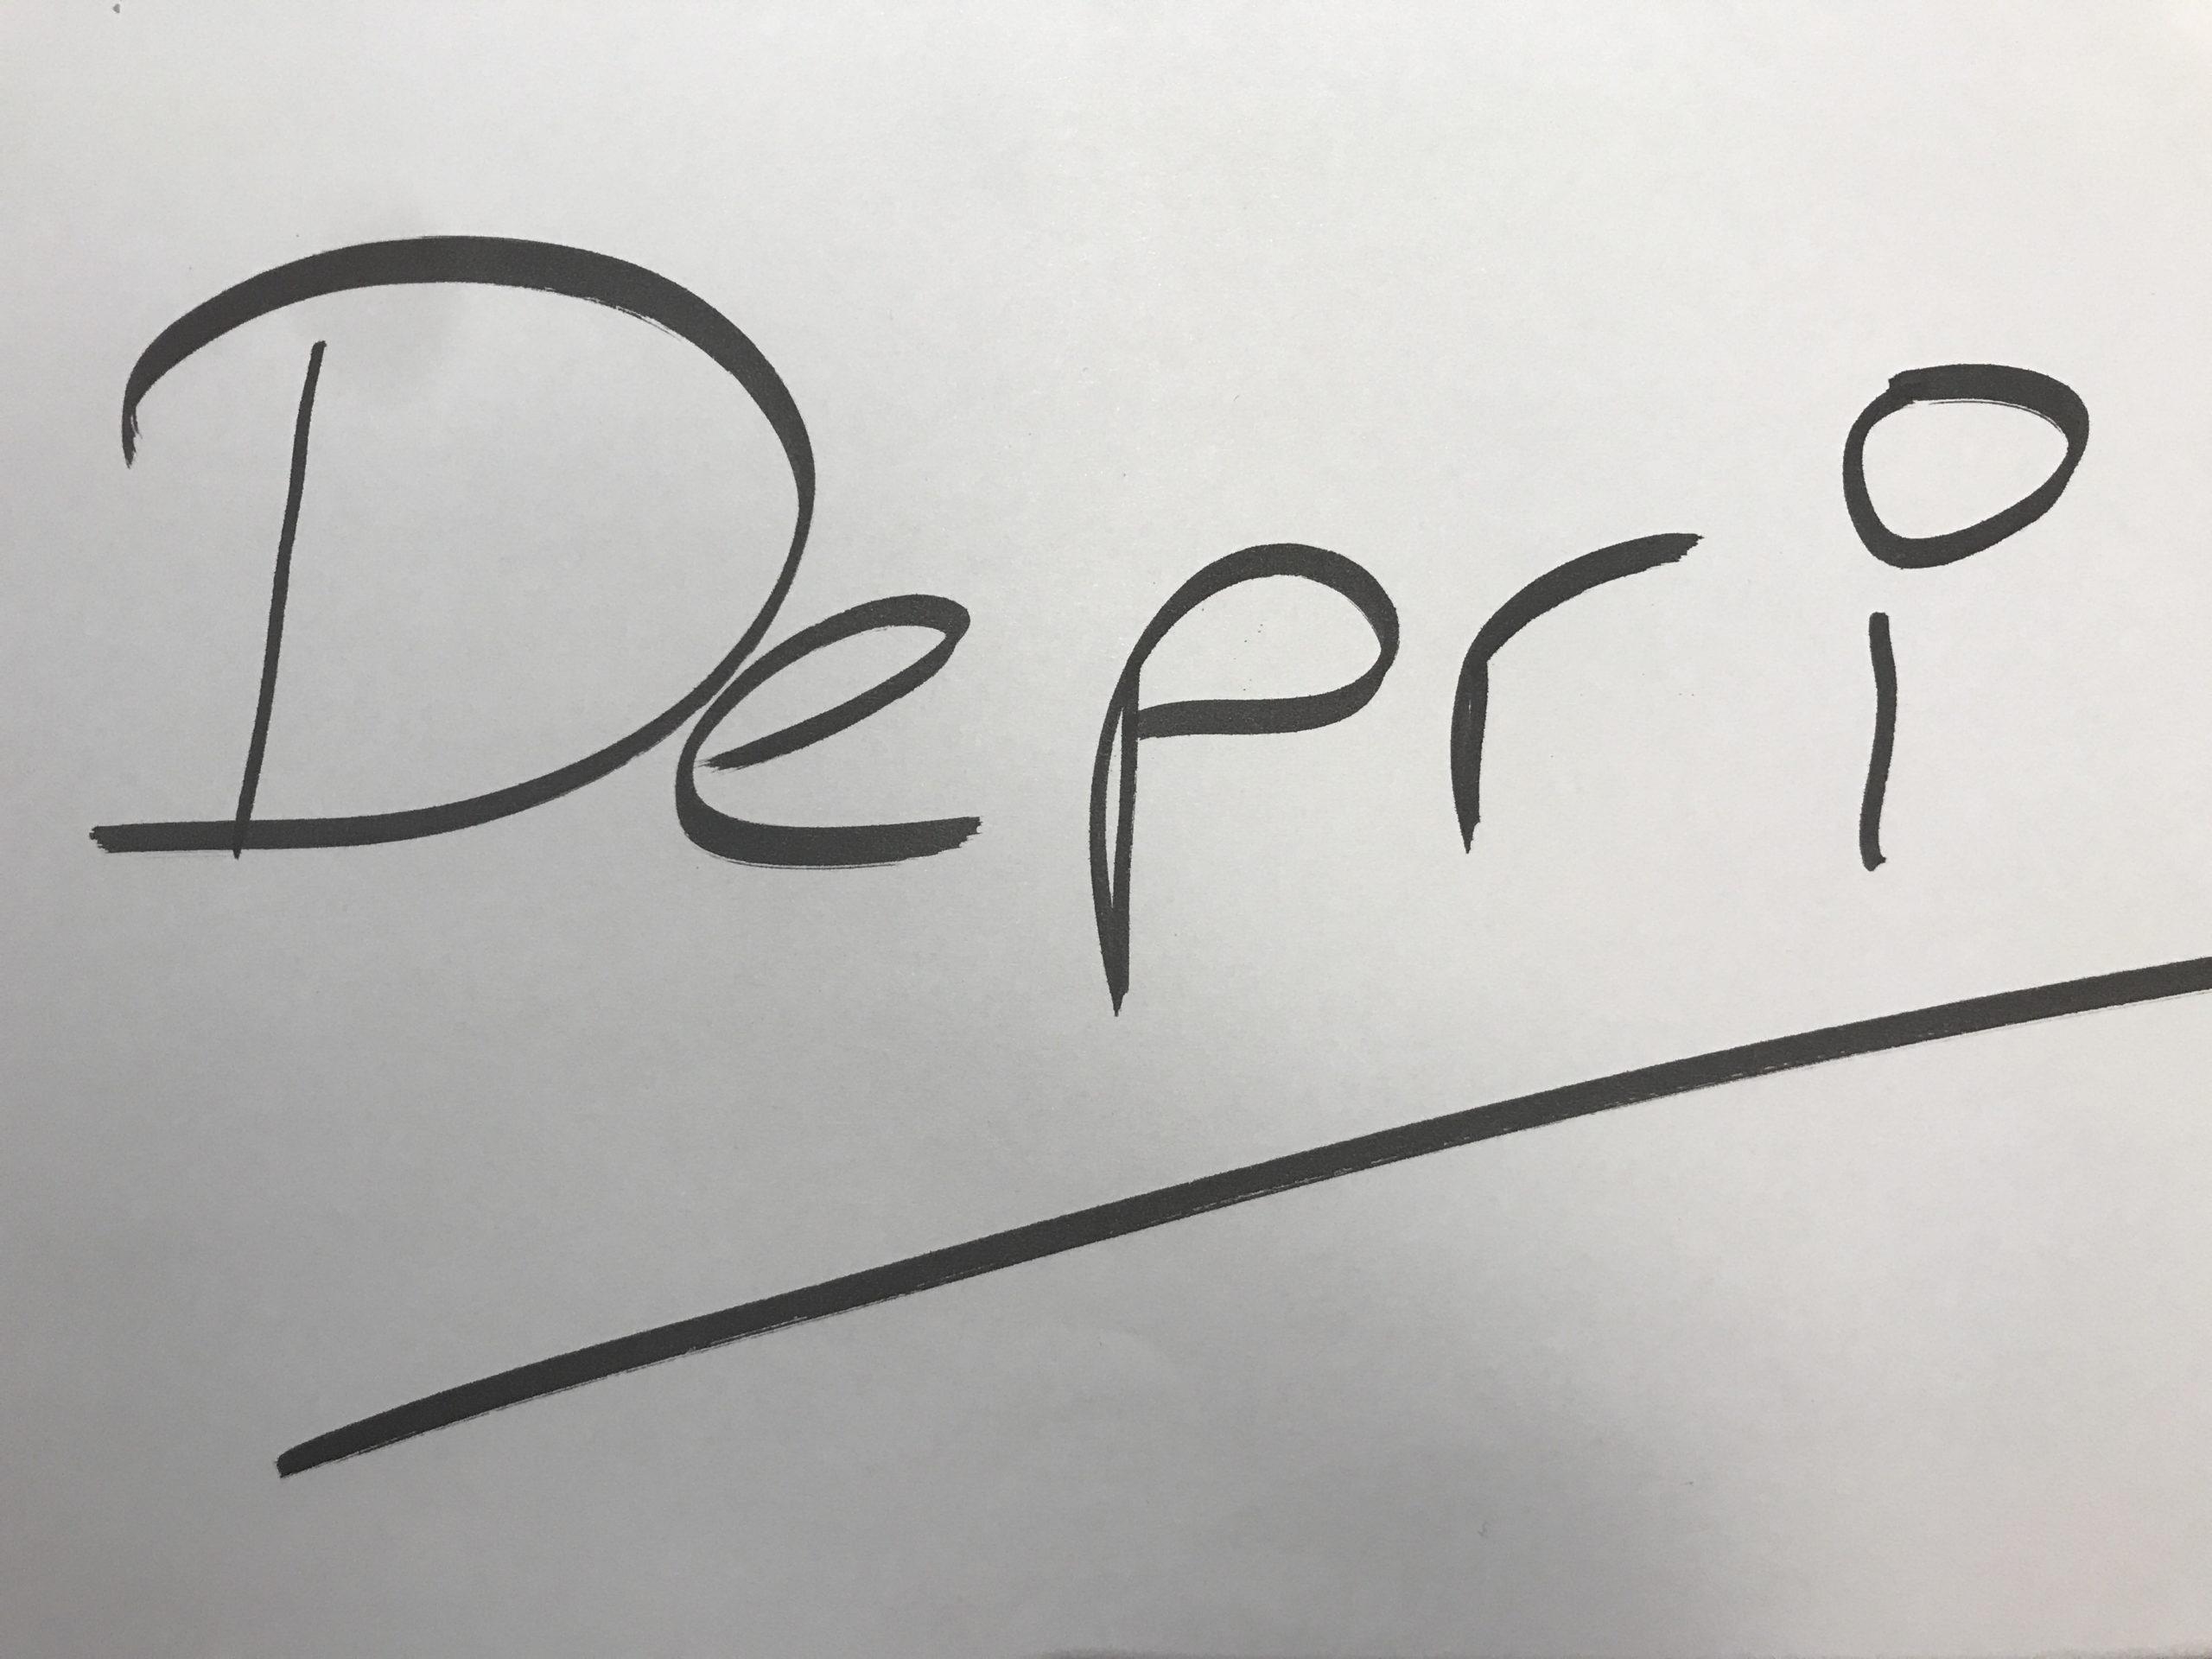 Recruitment Depri